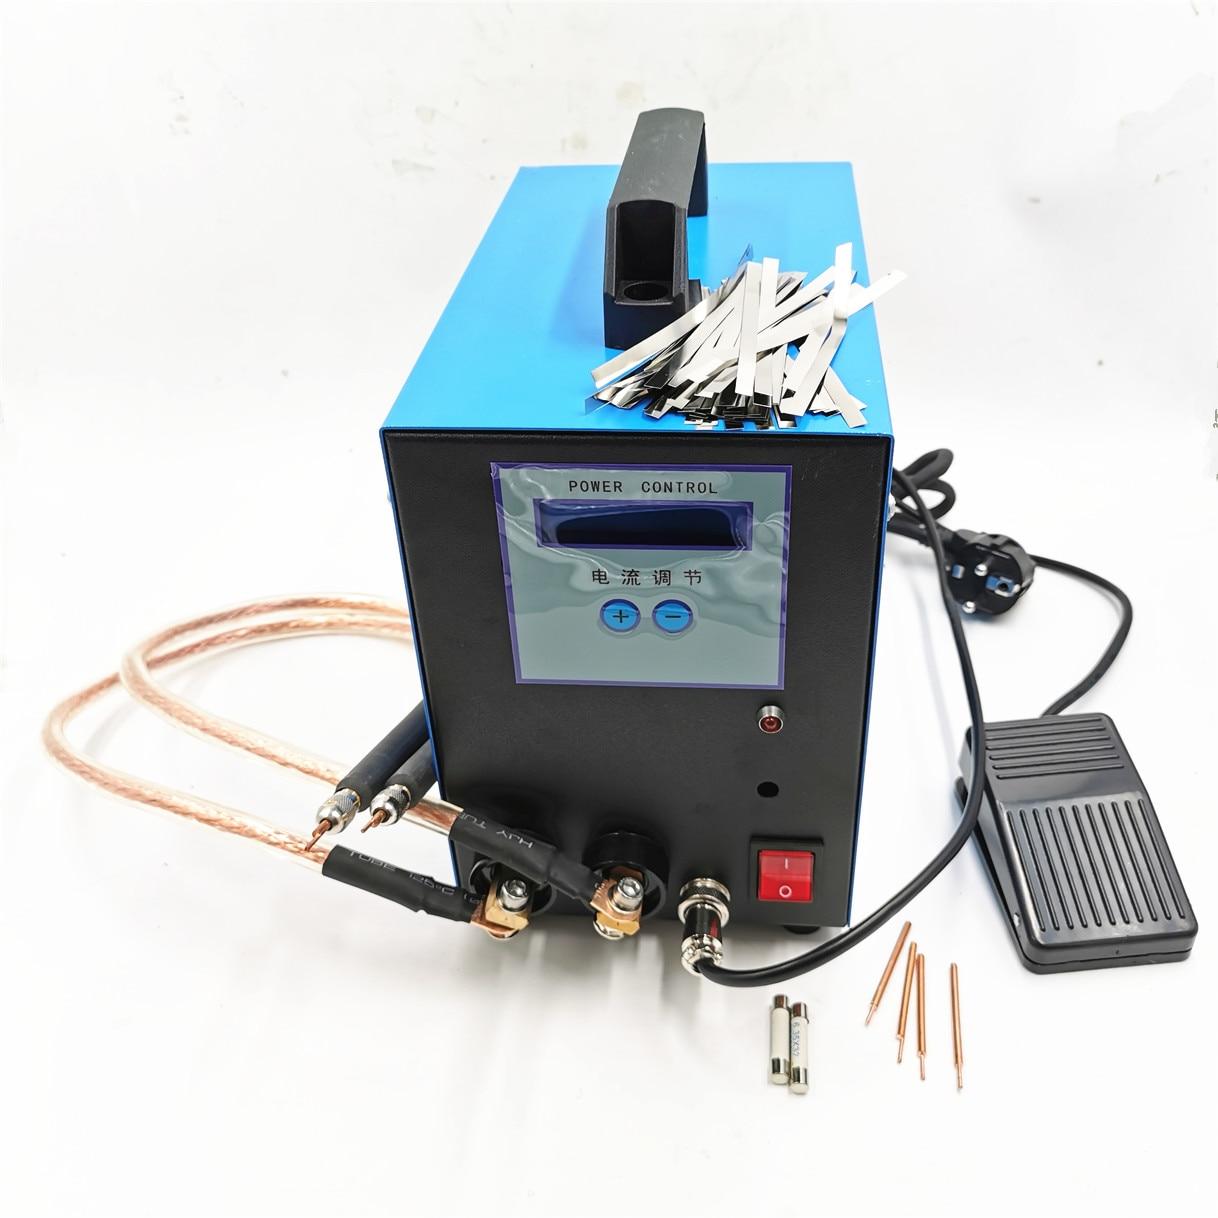 Spot welding 18650 battery spot welder 10KW 110V 220V handheld spot welding machine spot welder welding